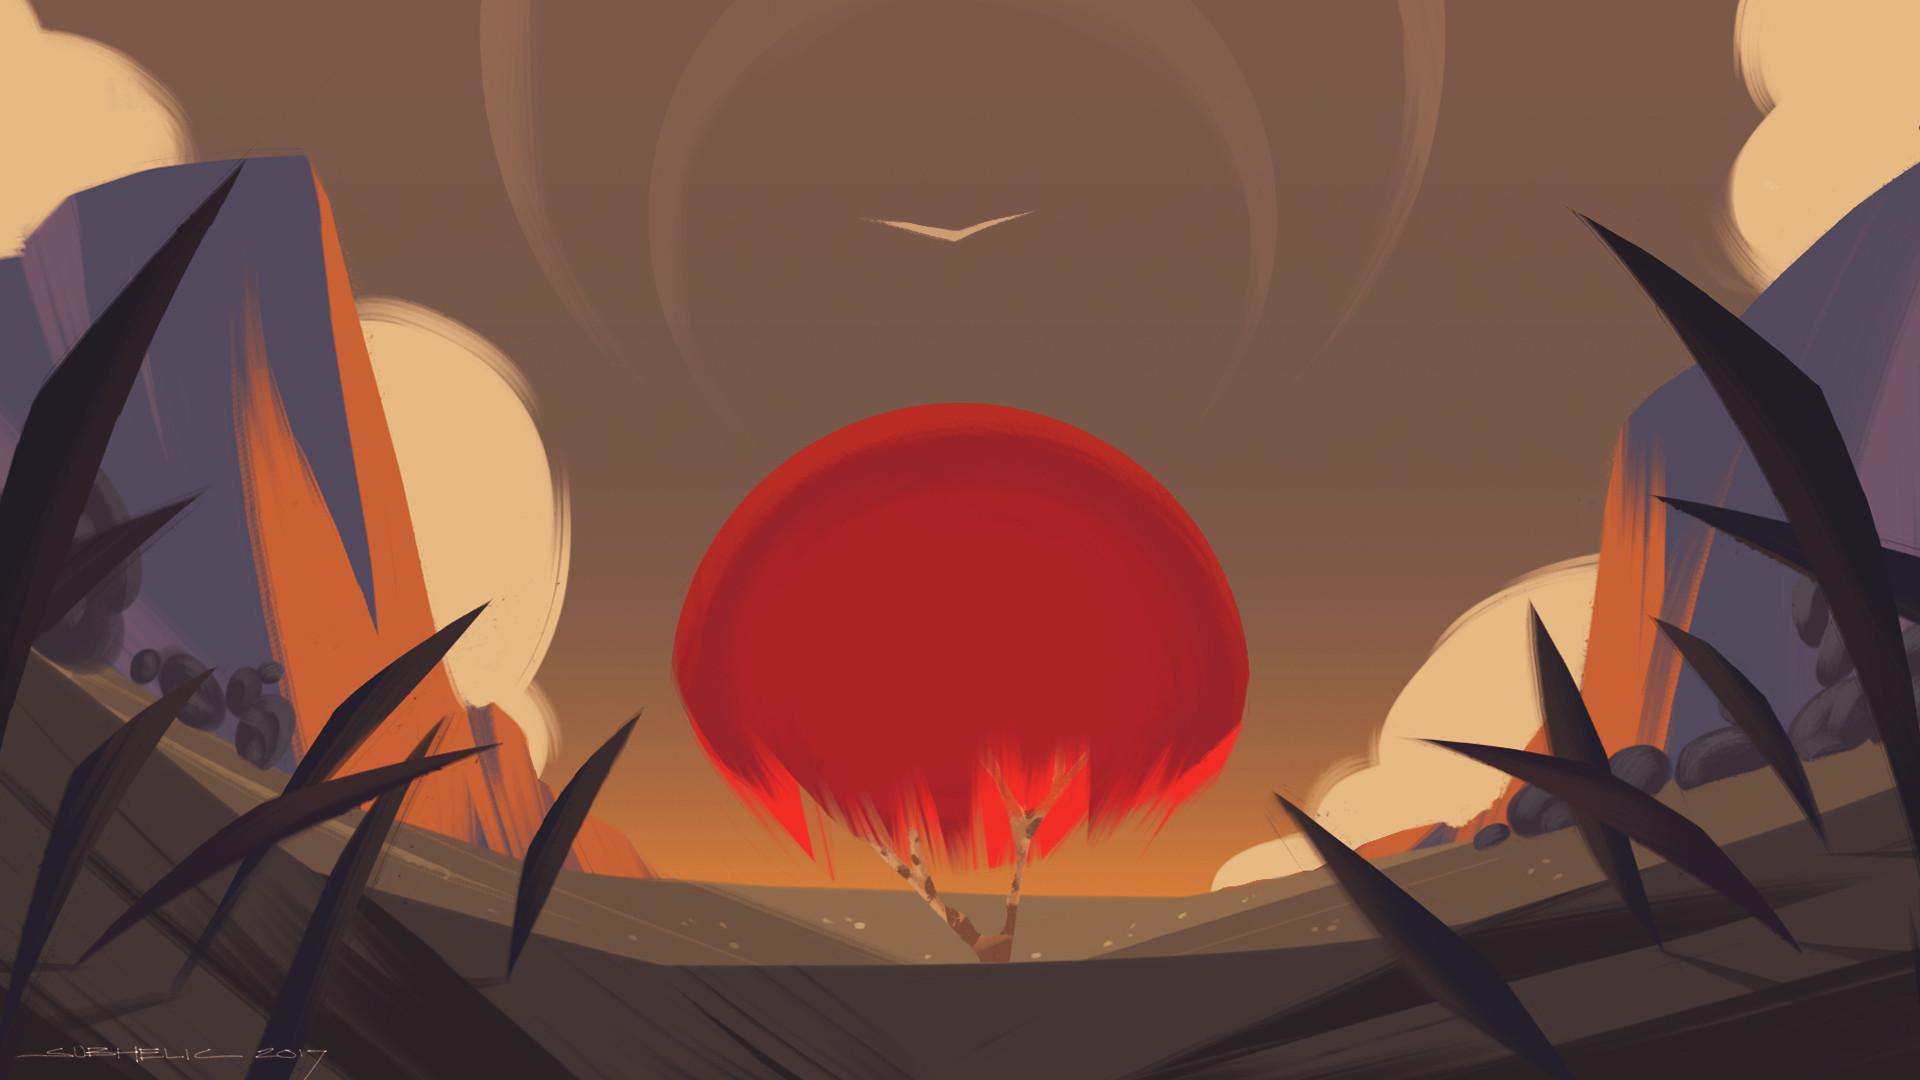 Subhelic sun s valley